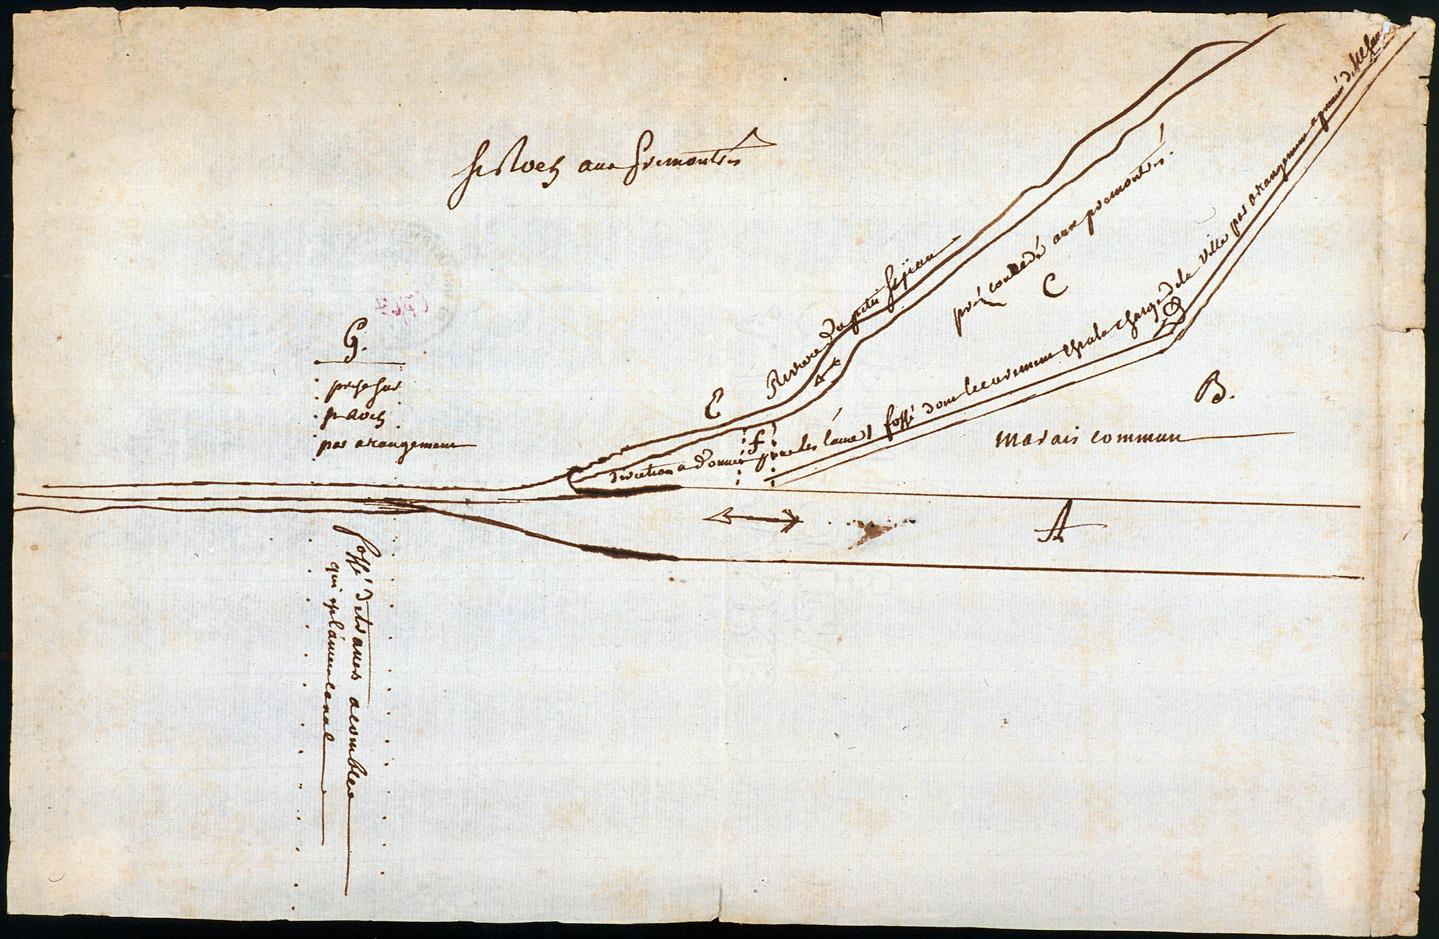 Projet de canalisation du cours de la Hotoie : plan d'expropriation des terrains de l'abbaye prémontré du Petit-saint-Jean